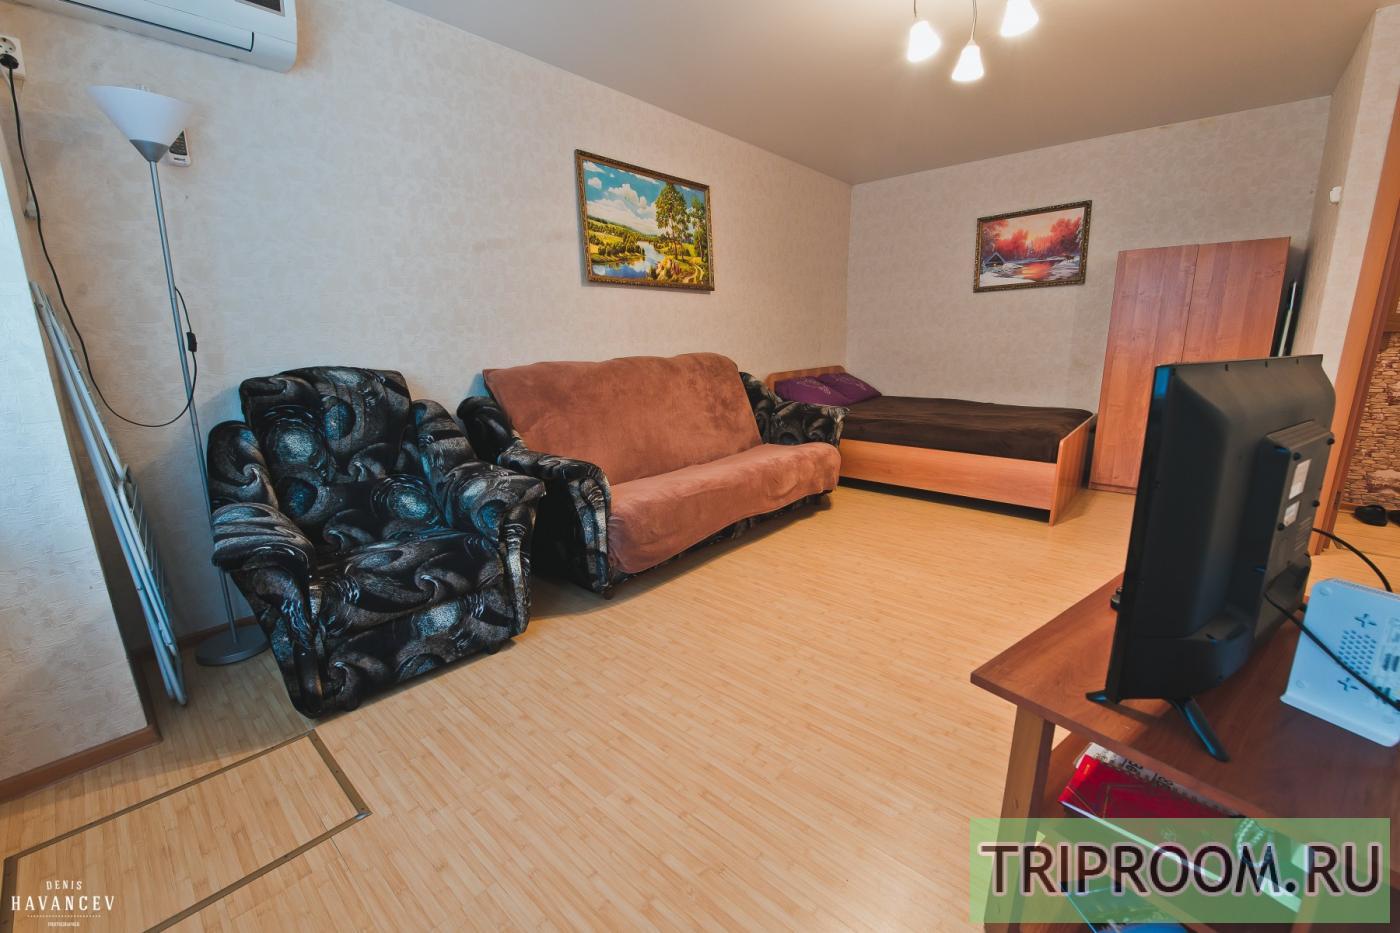 1-комнатная квартира посуточно (вариант № 14829), ул. Космонавтов набережная, фото № 4